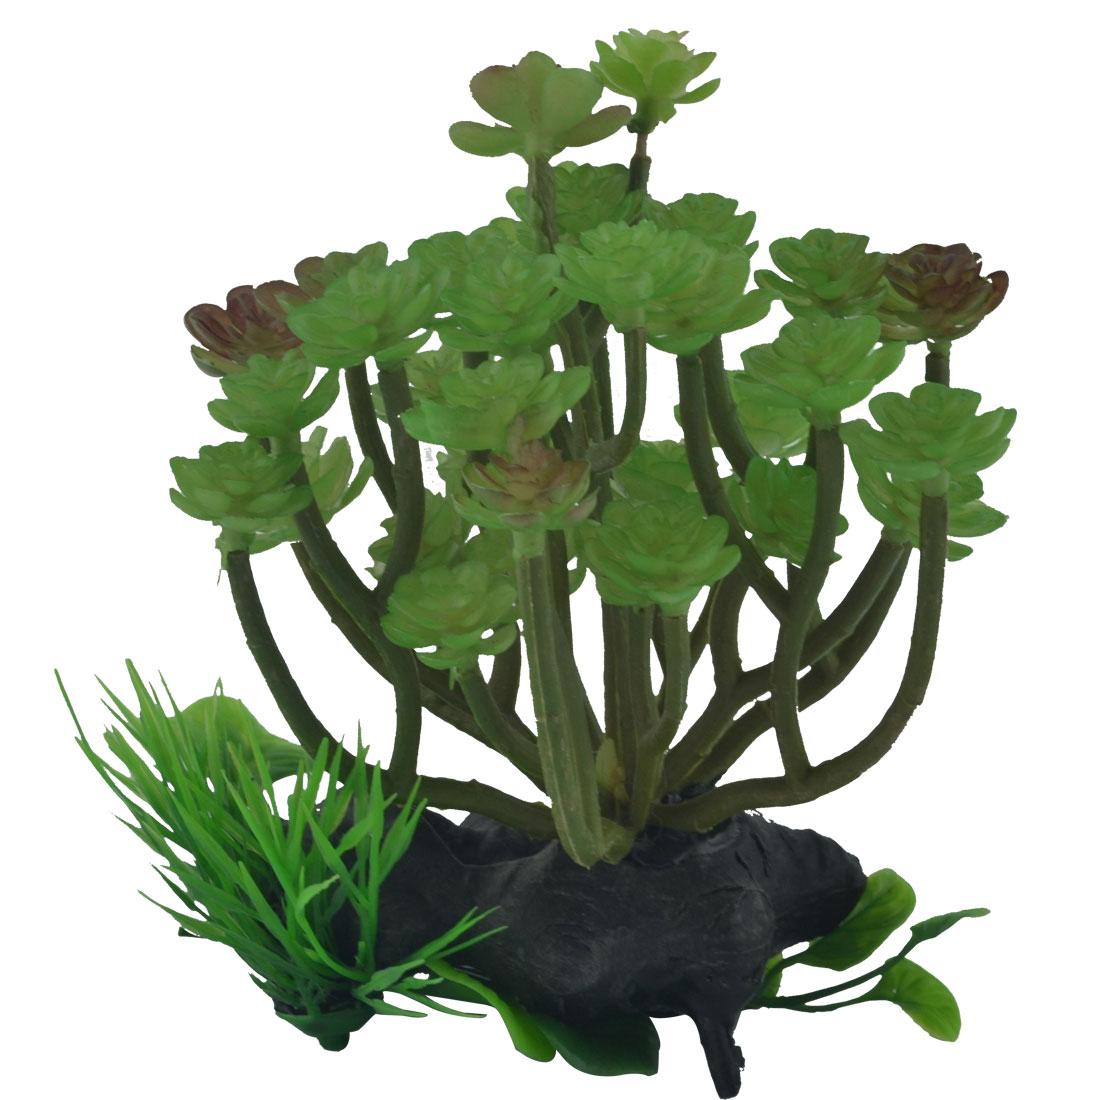 Aquarium Fish Tank Plastic Artificial Emulation Water Plant Grass Decor Ornament Green